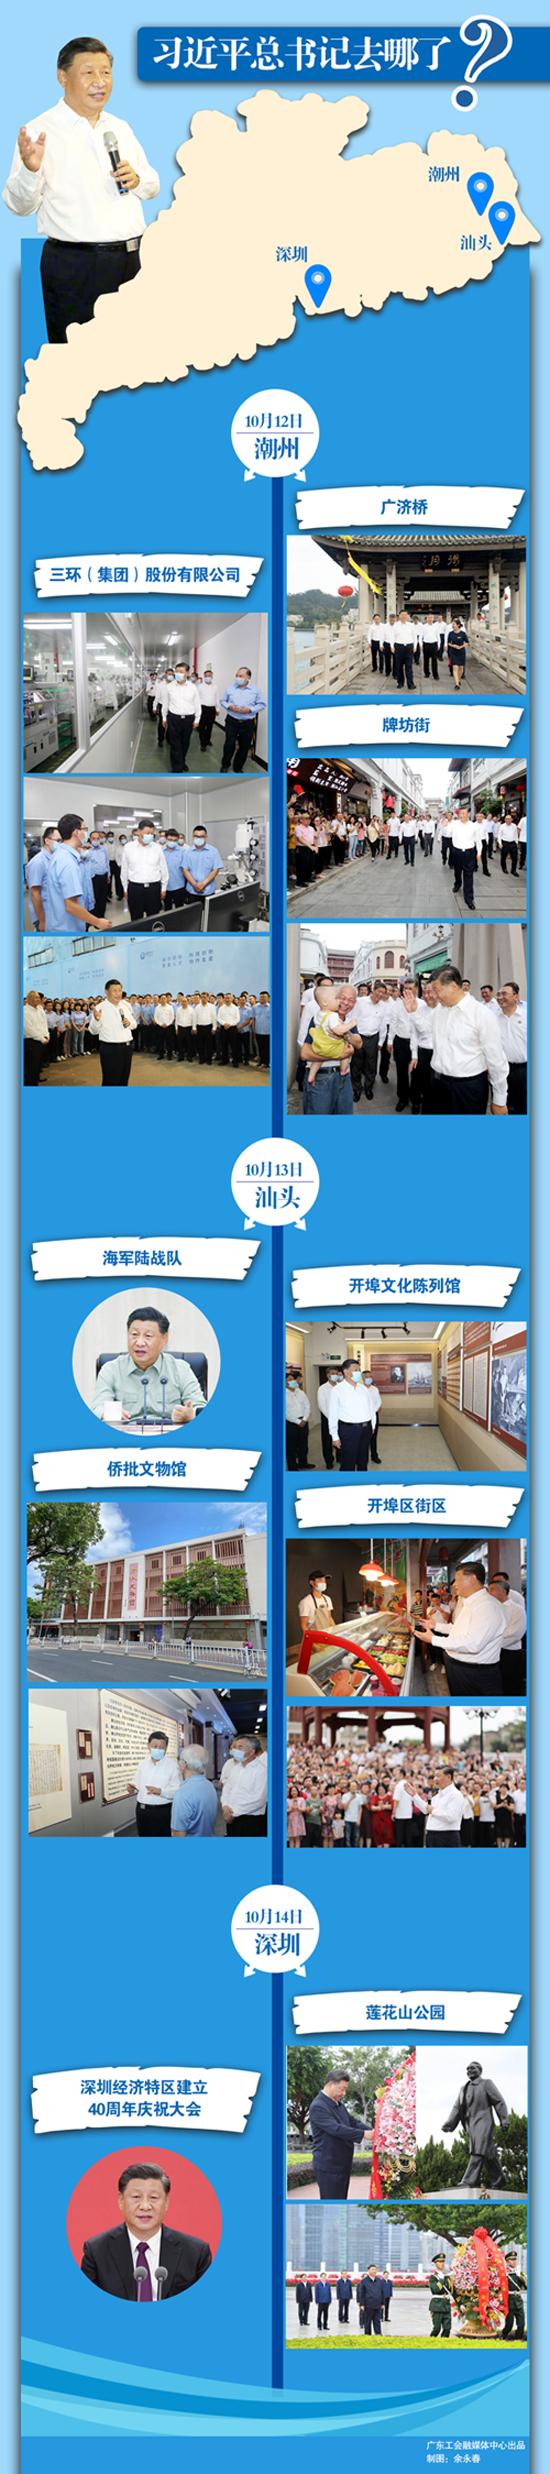 微信图片_20201016125730.jpg